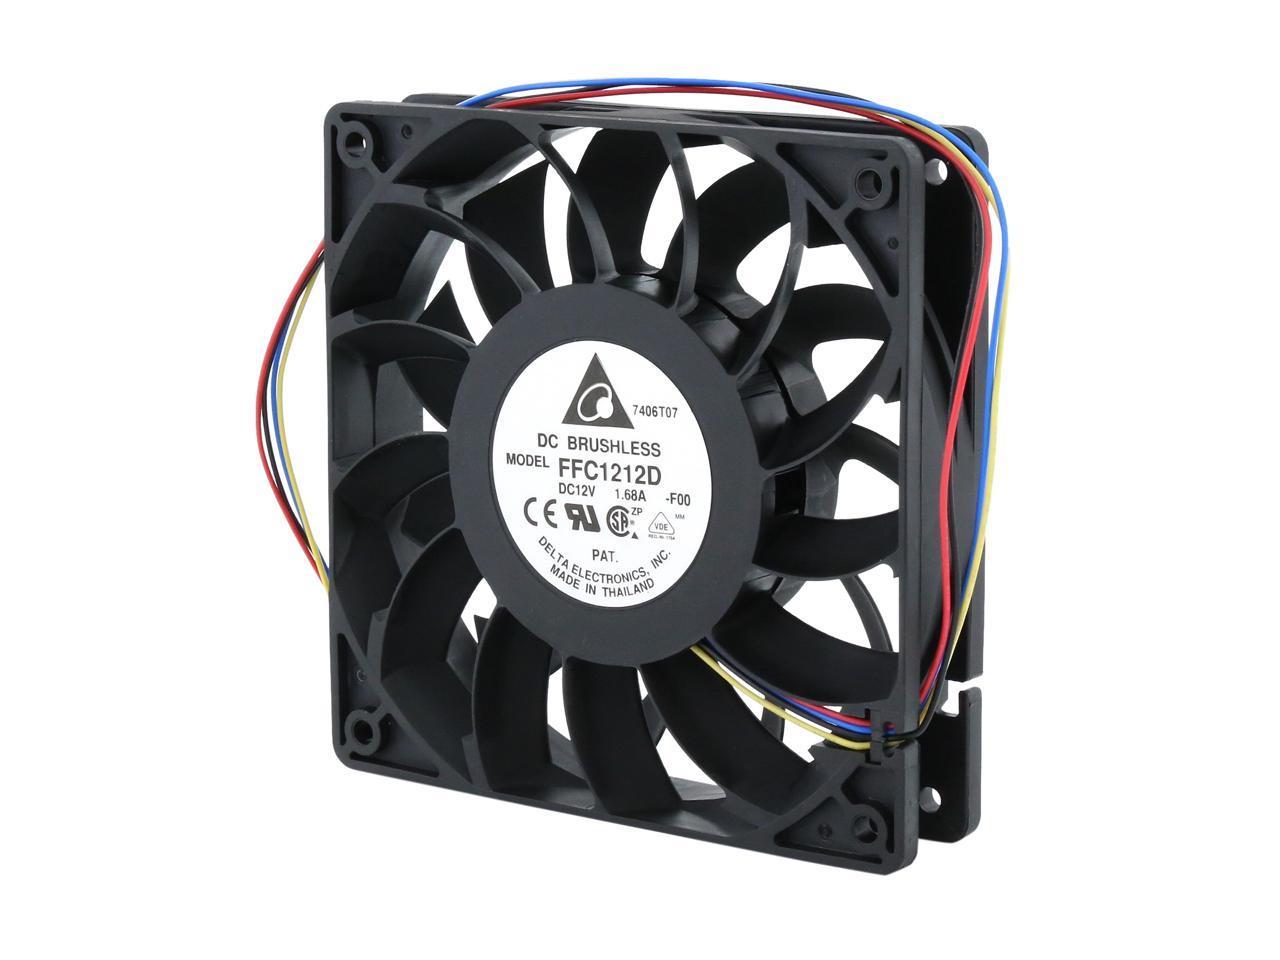 DC 24V Mini Radiator Fan Computer case Rear Fan Black 3pin 4000RPM Heat Sink Fan with Large Air Volume Double Ball Bearing Cooling Fan